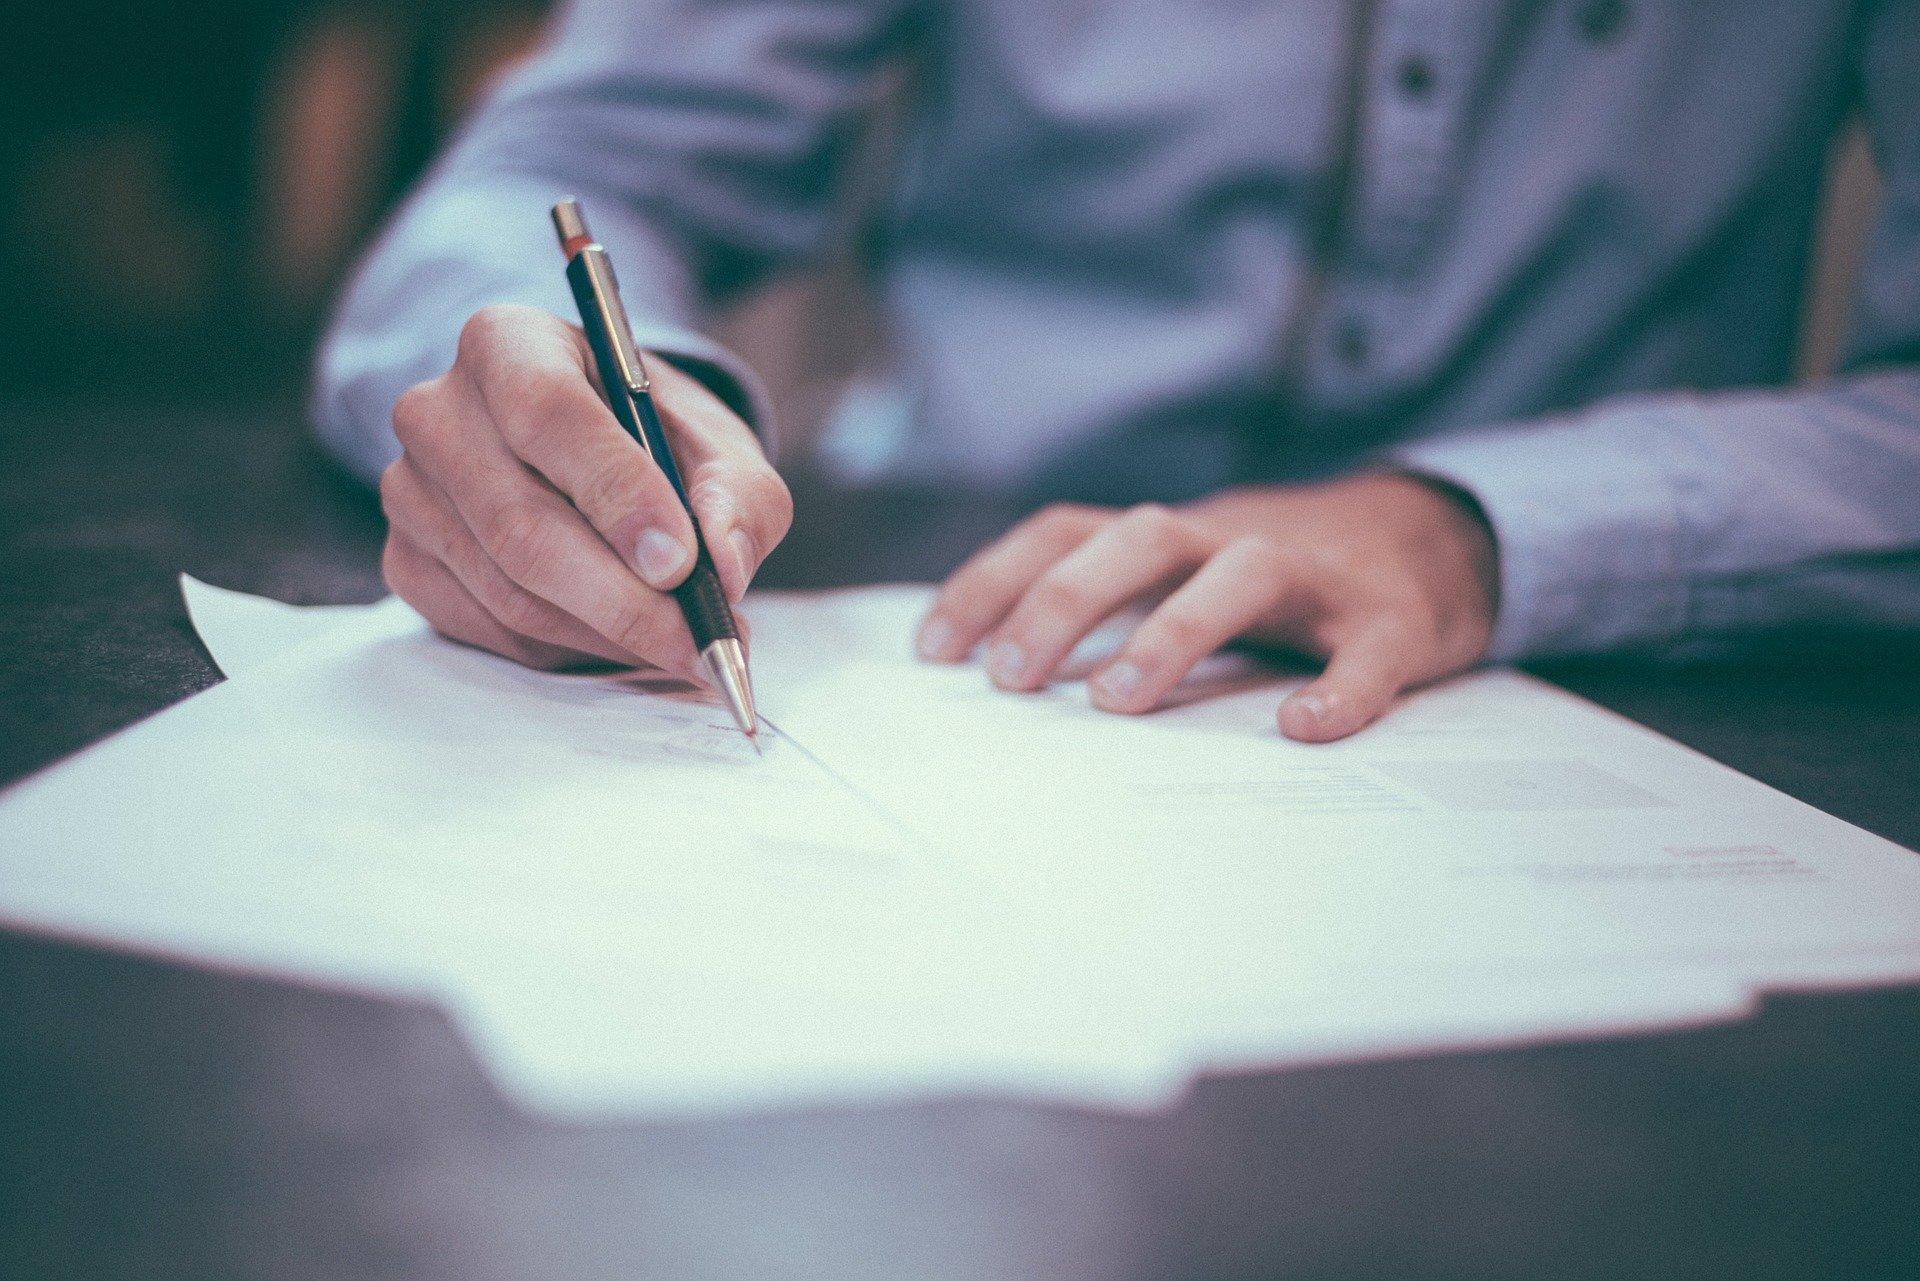 Президент підписав закон про адміністрування податків